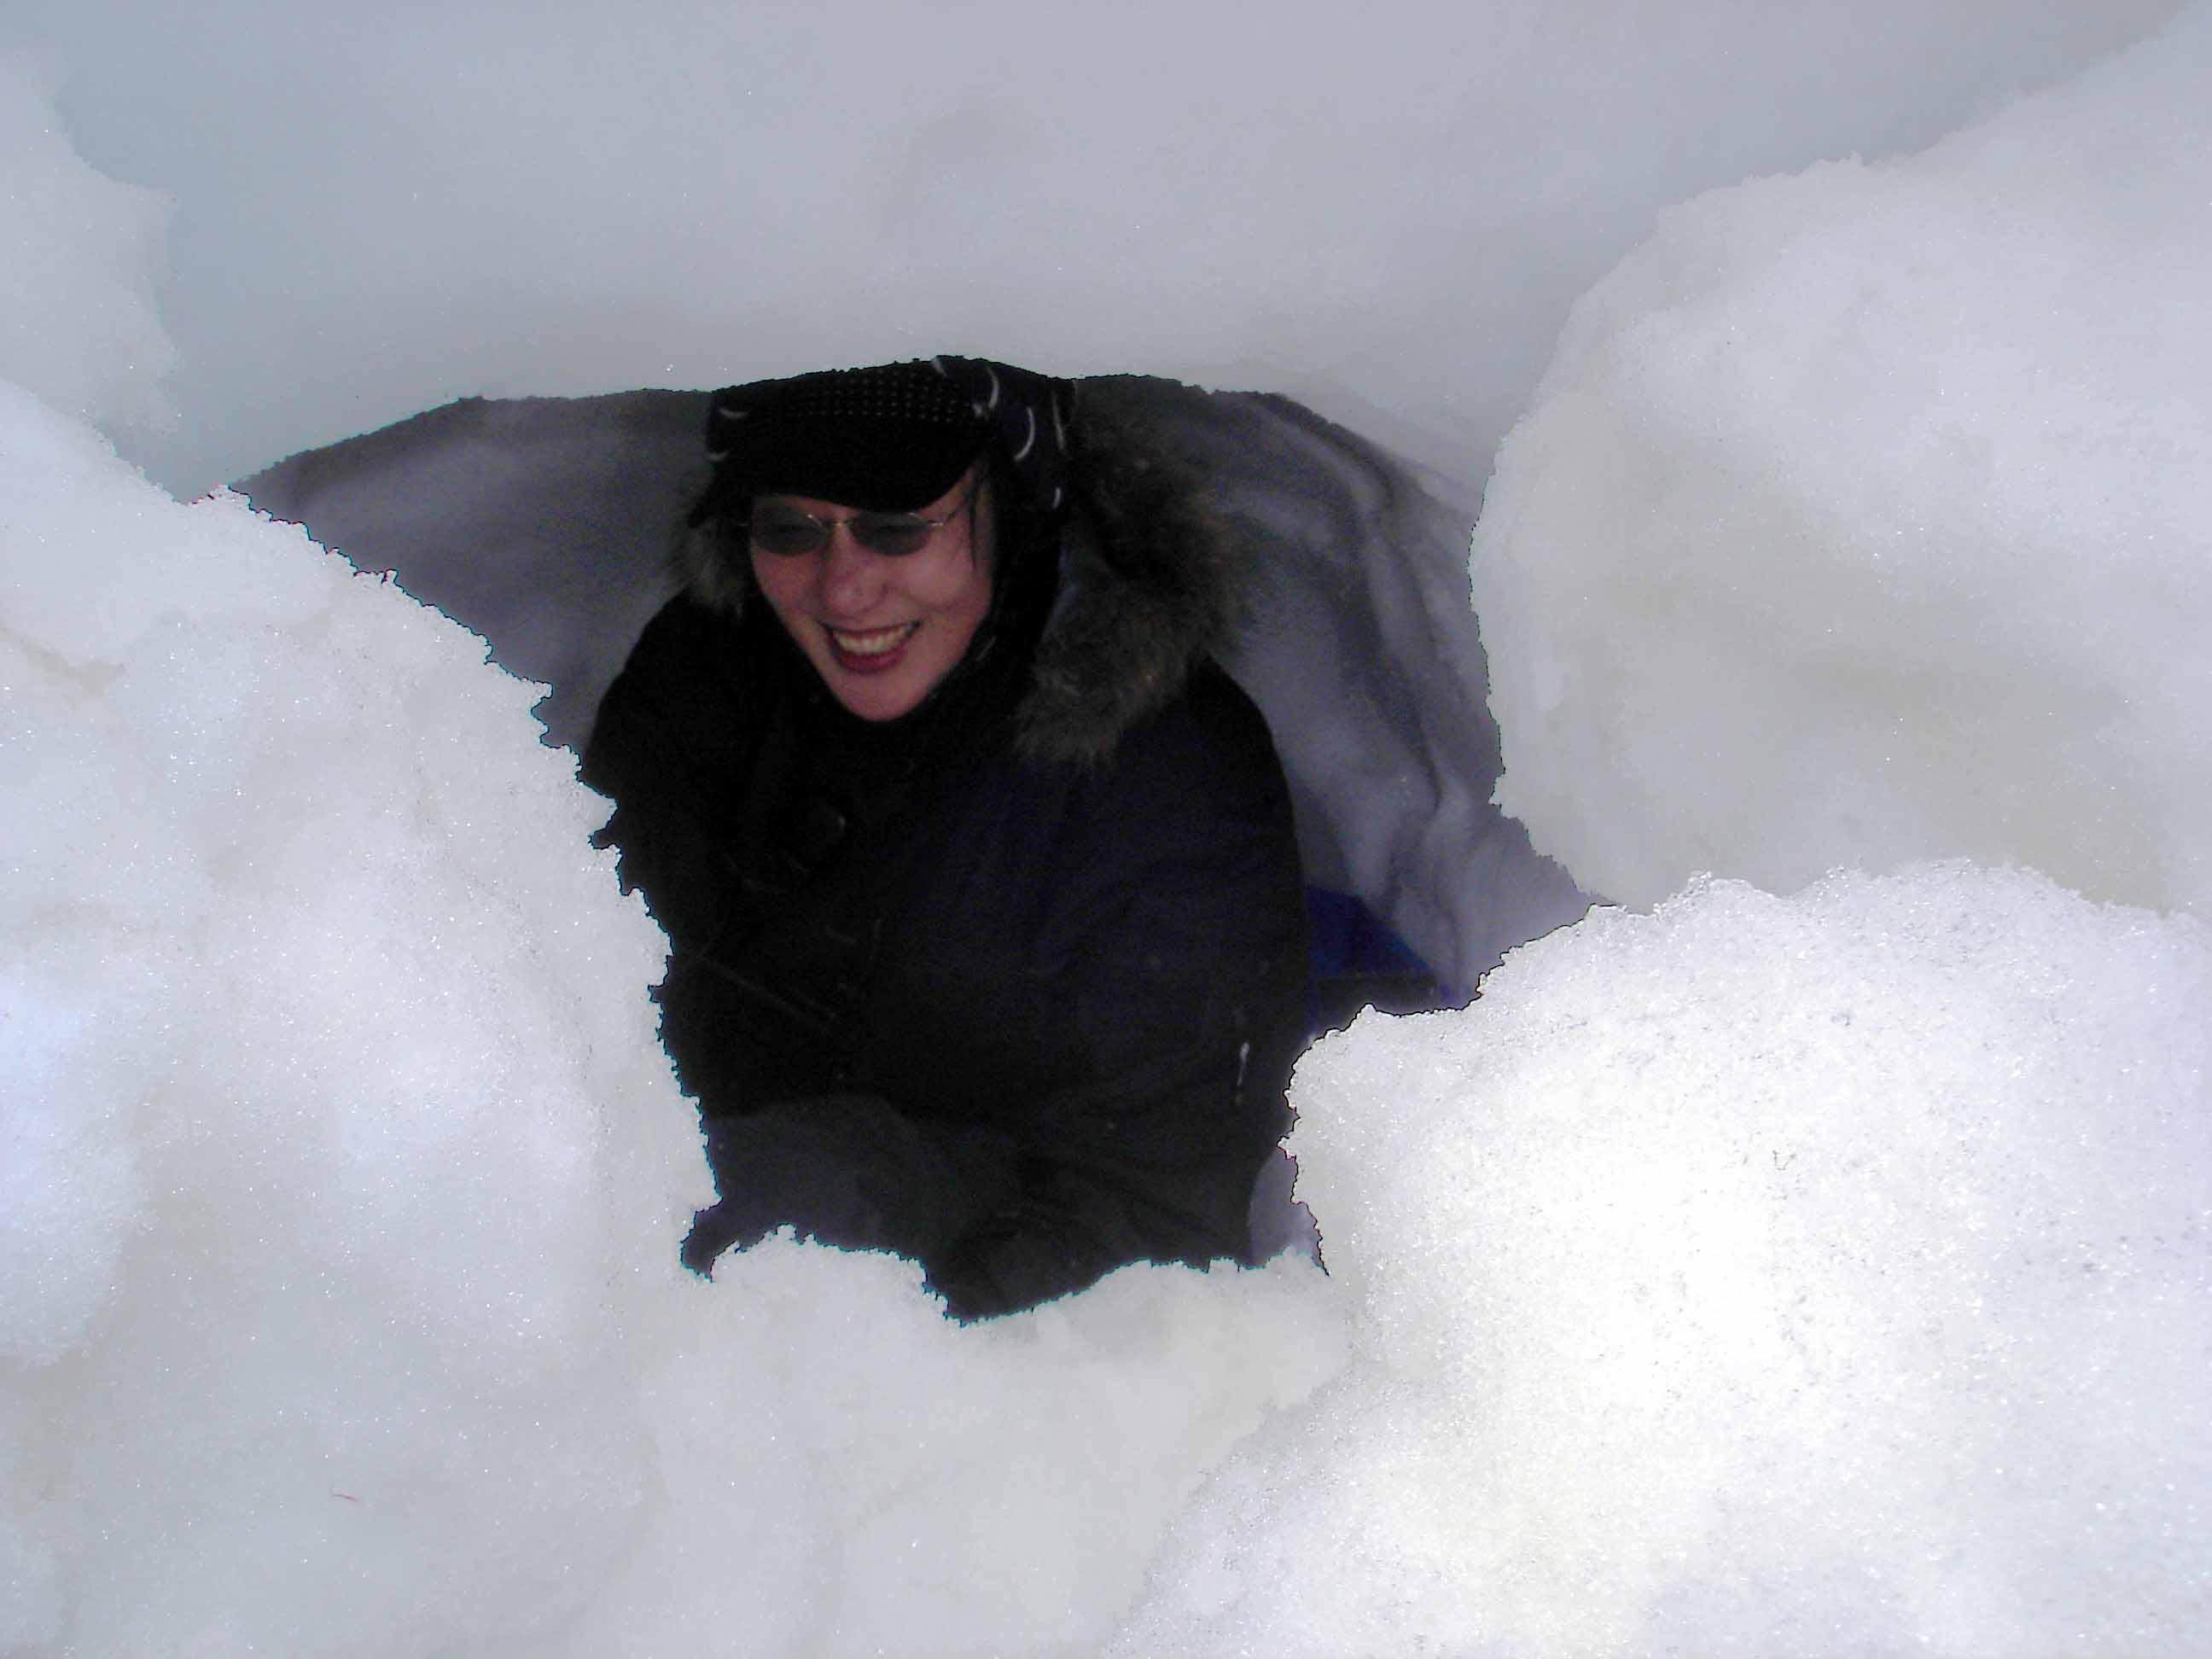 雪中訓練Ⅱ(15) 雪洞へ